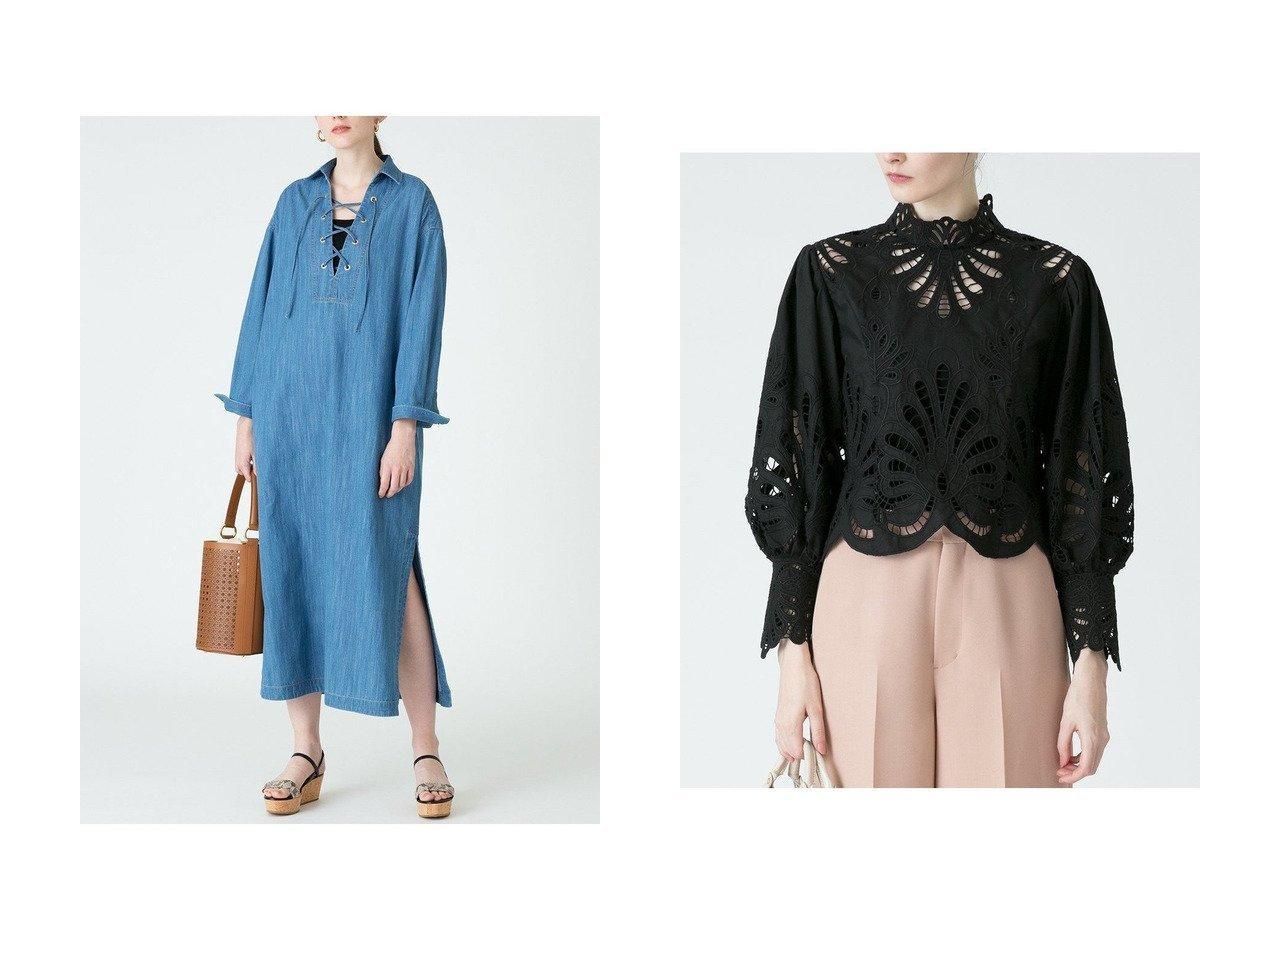 【allureville/アルアバイル】の【Loulou Willoughby】オールシシュウブラウス&デニムカフタンドレス allurevilleのおすすめ!人気、トレンド・レディースファッションの通販 おすすめで人気の流行・トレンド、ファッションの通販商品 メンズファッション・キッズファッション・インテリア・家具・レディースファッション・服の通販 founy(ファニー) https://founy.com/ ファッション Fashion レディースファッション WOMEN トップス Tops Tshirt シャツ/ブラウス Shirts Blouses ワンピース Dress ドレス Party Dresses 2021年 2021 2021 春夏 S/S SS Spring/Summer 2021 S/S 春夏 SS Spring/Summer ショート スリーブ バランス パーティ ロング ワーク 春 Spring |ID:crp329100000016950